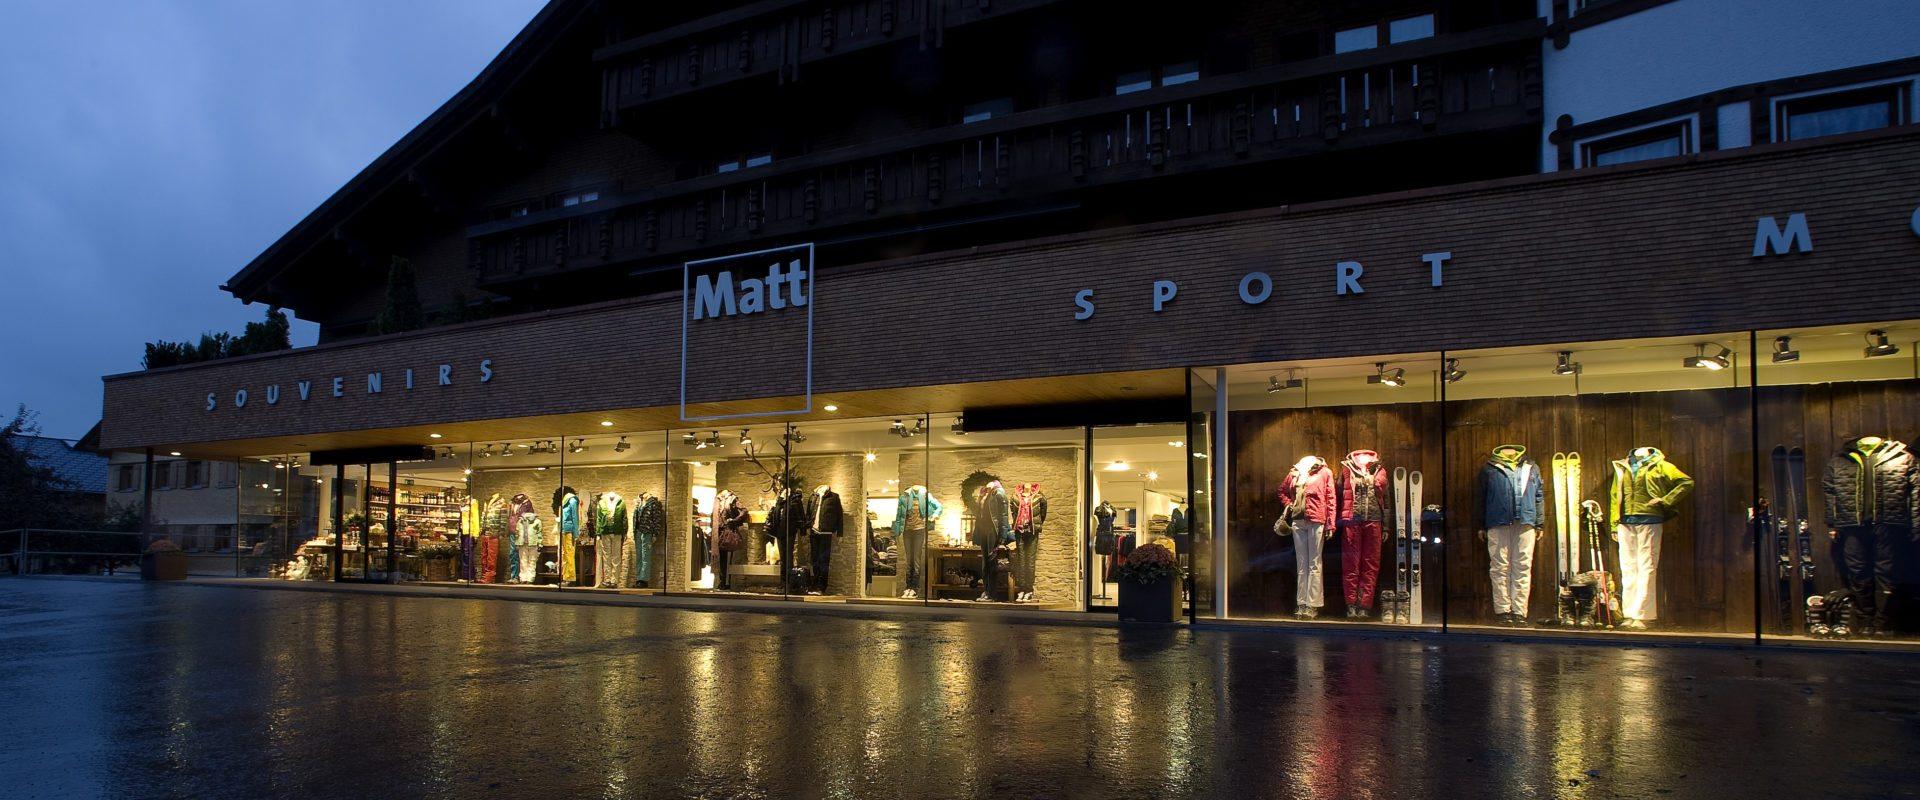 Matt034